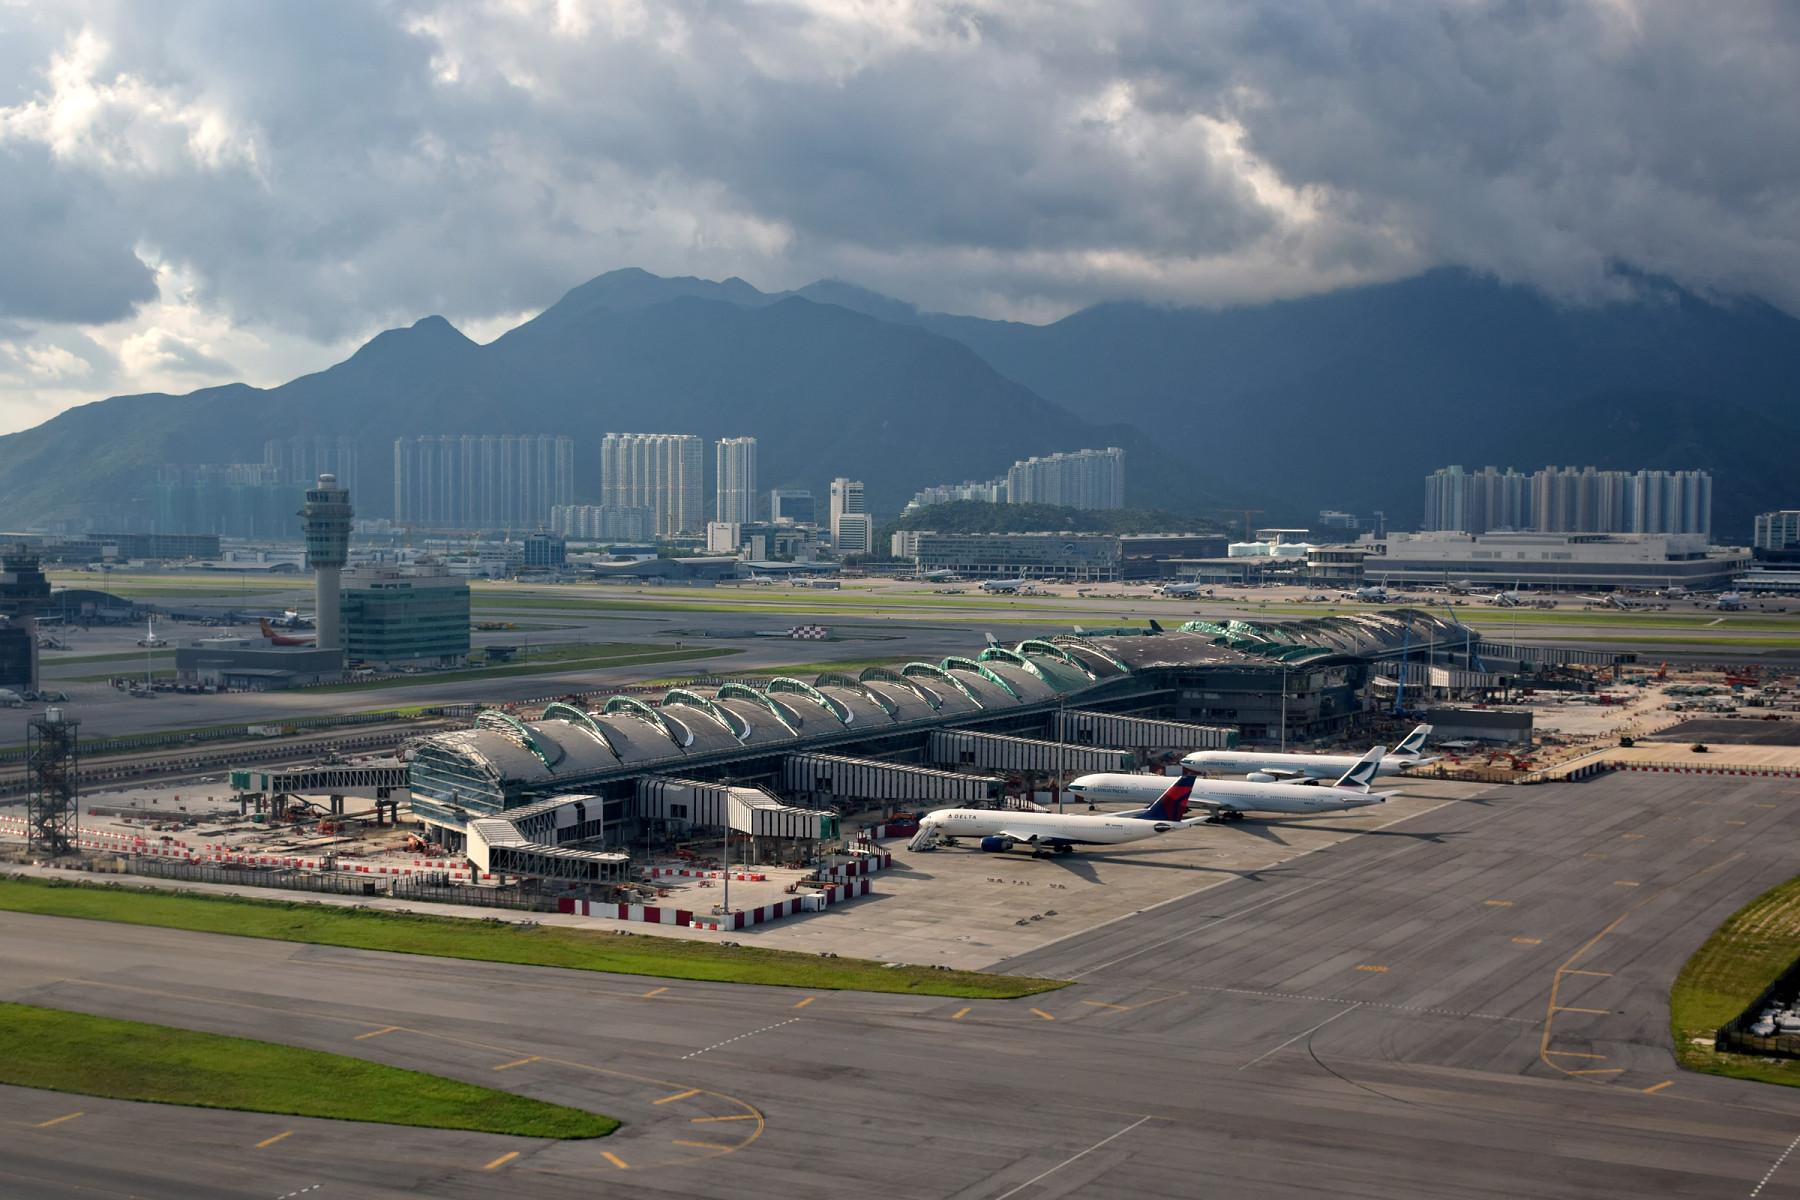 Hong Kong International Airport er ramt af en masse flyaflysninger. Foto: Baycrest